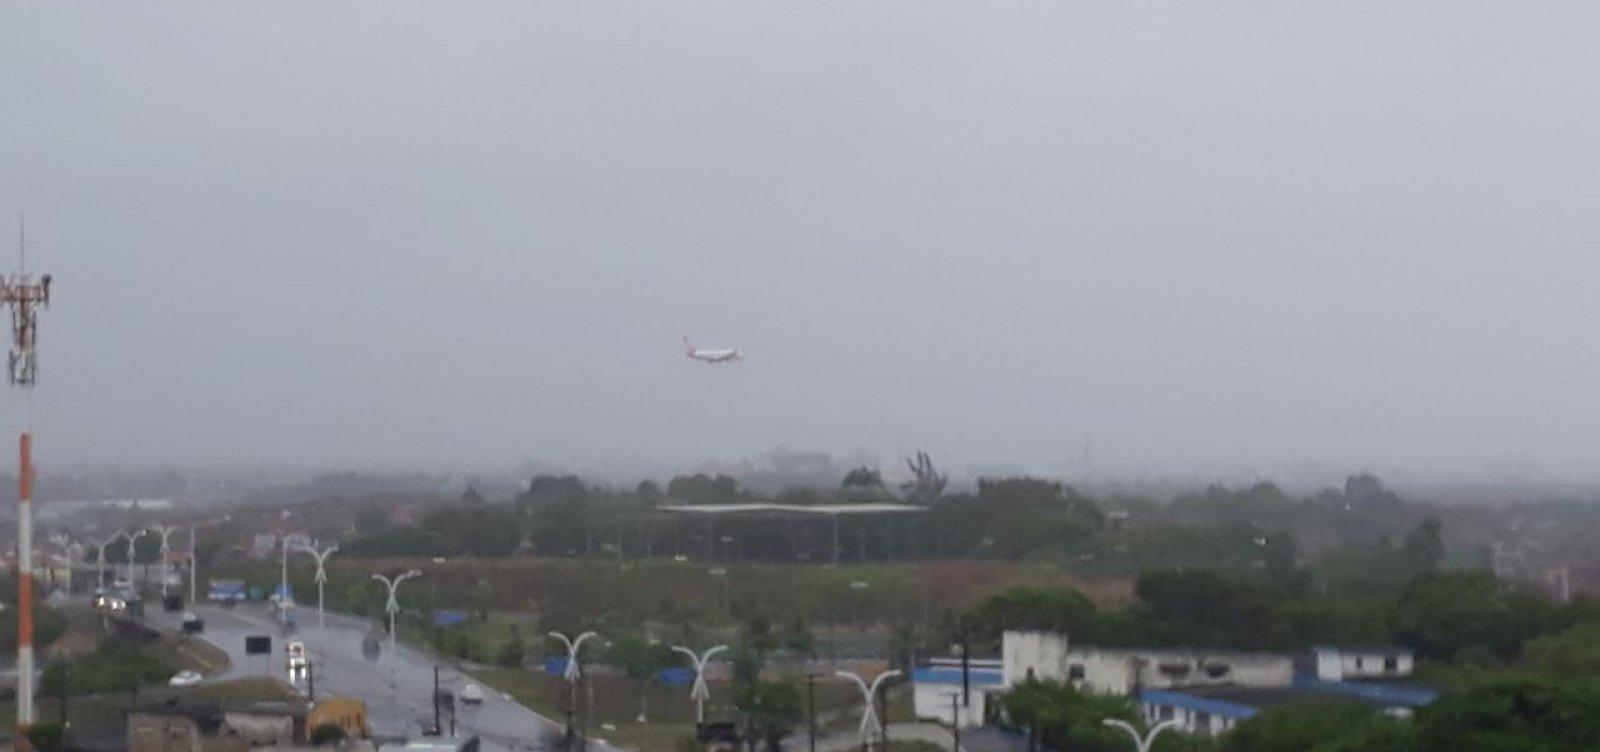 [Voos arremetem e não conseguem pousar no aeroporto de Salvador por chuva]